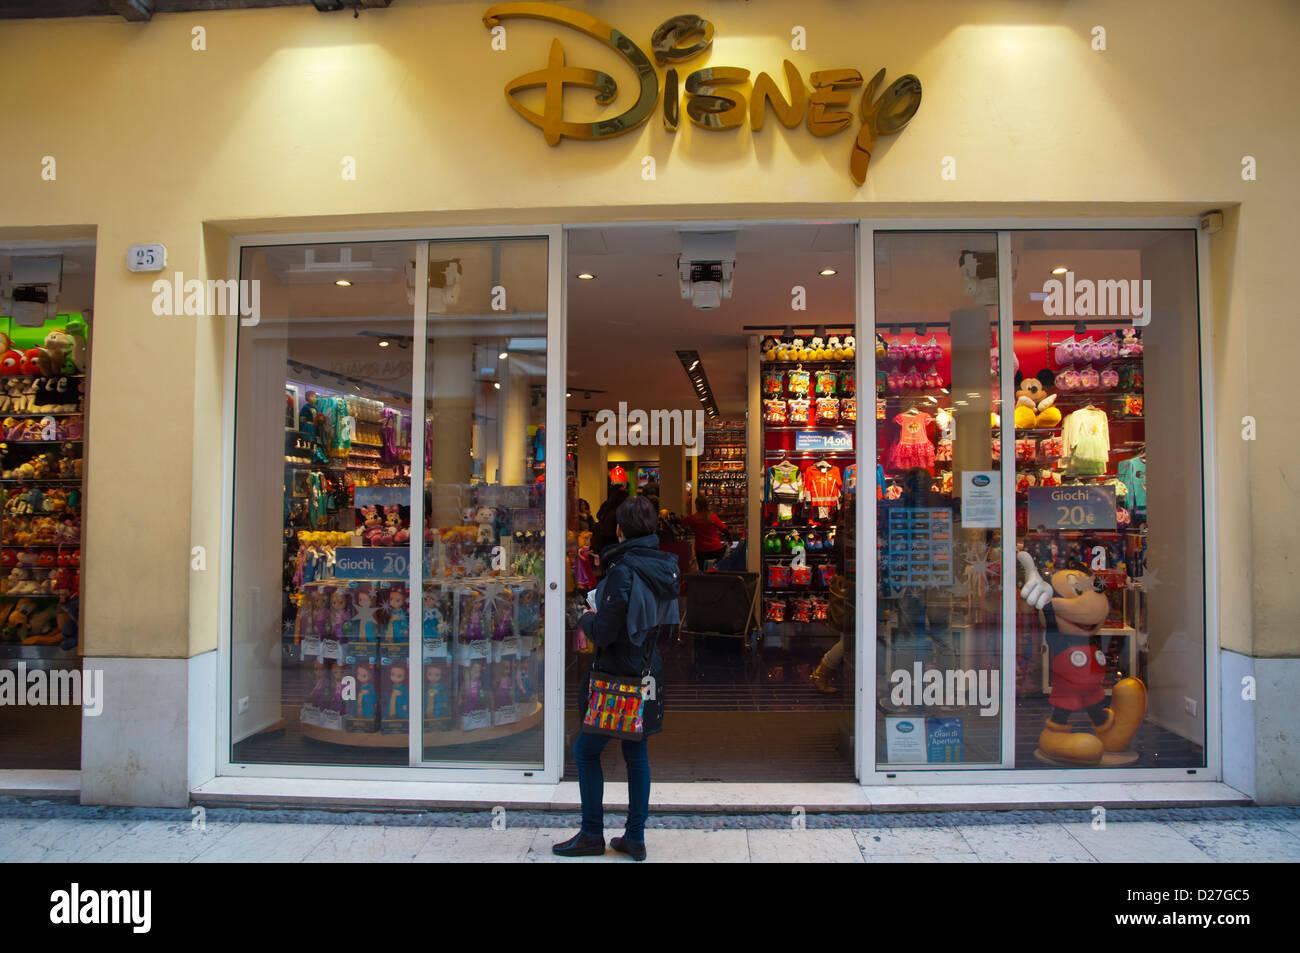 Disney store along via Mazzini street Verona city the Veneto ...